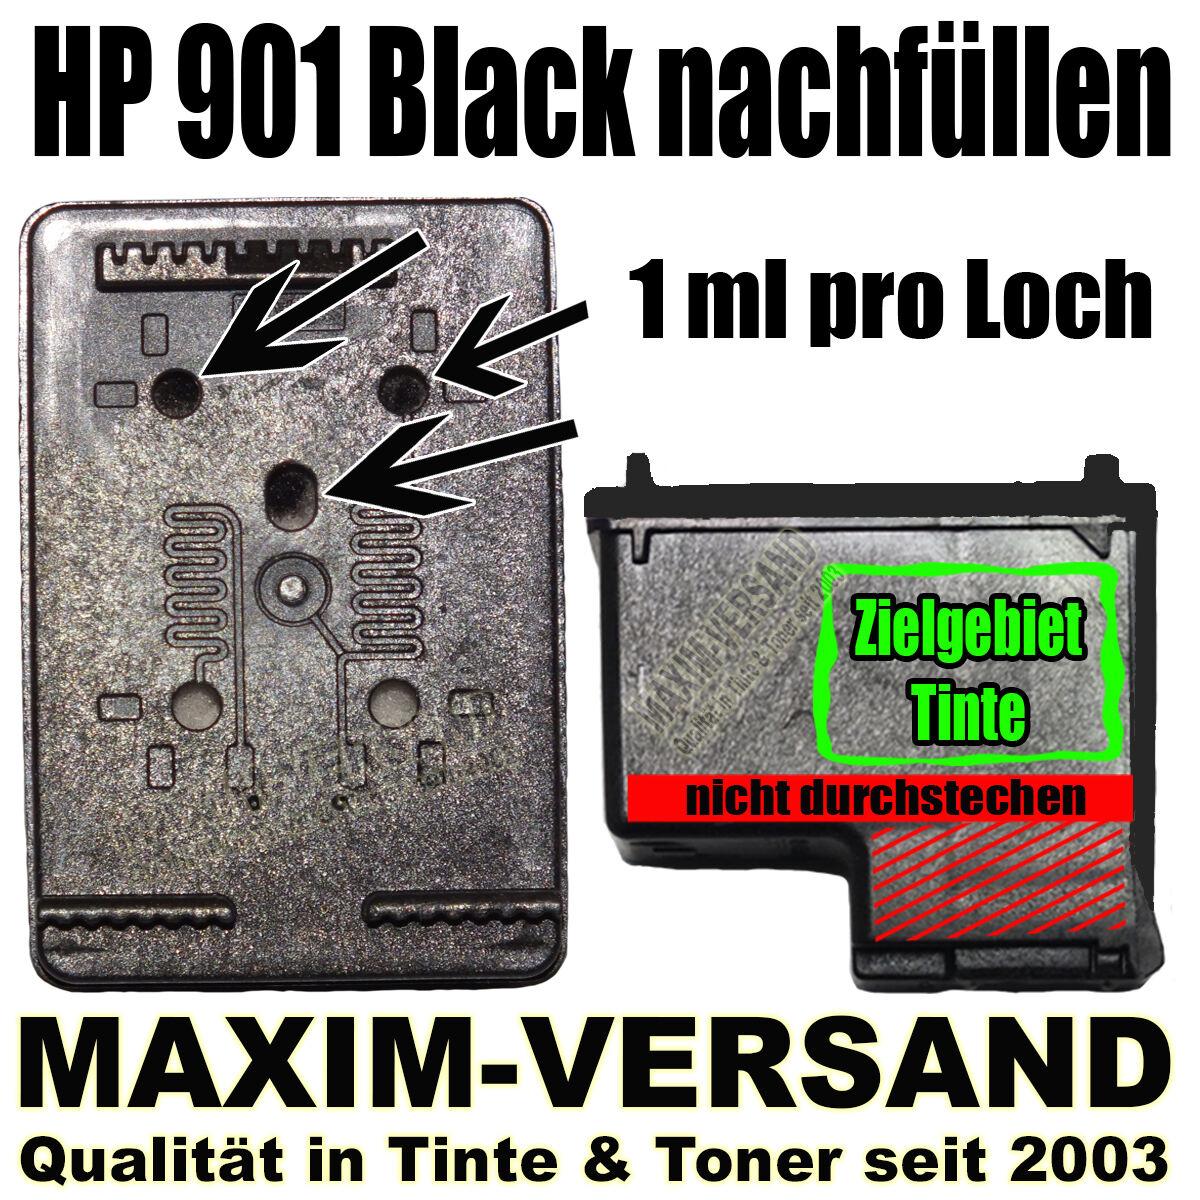 HP 901 Black nachfüllen